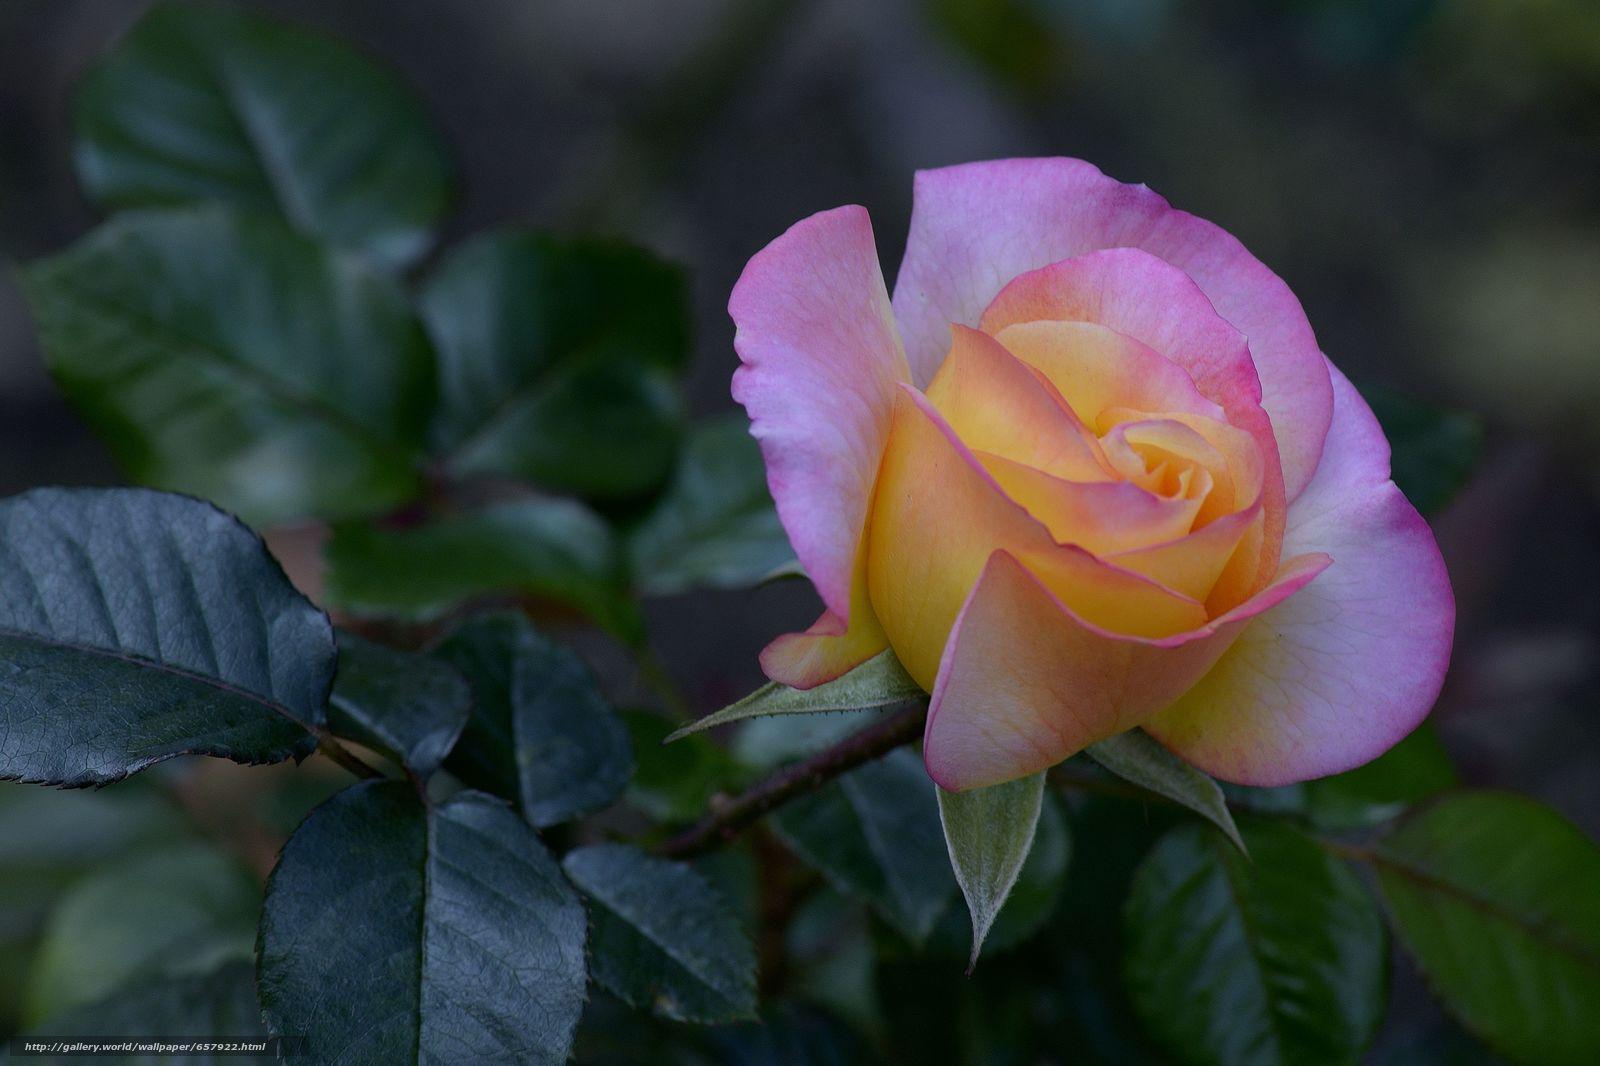 pobra tapety róża,  Roses,  kwiat,  Kwiaty Darmowe tapety na pulpit rozdzielczoci 4704x3135 — zdjcie №657922